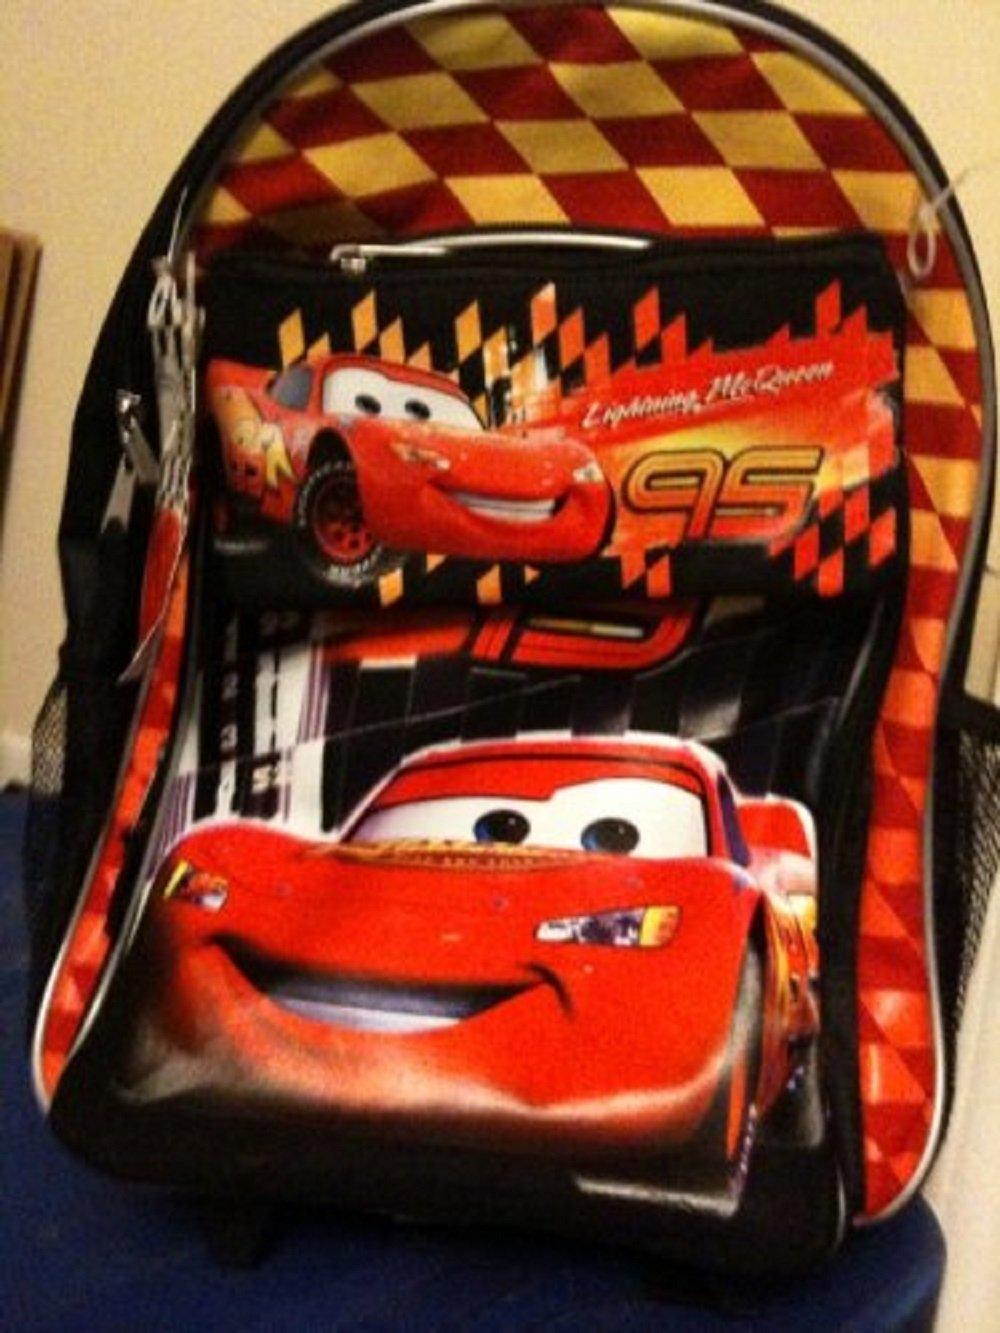 Lightning McQueen 2 Pieceマルチパックwhelledバックパックwith鉛筆バッグELS   B002Z075PG